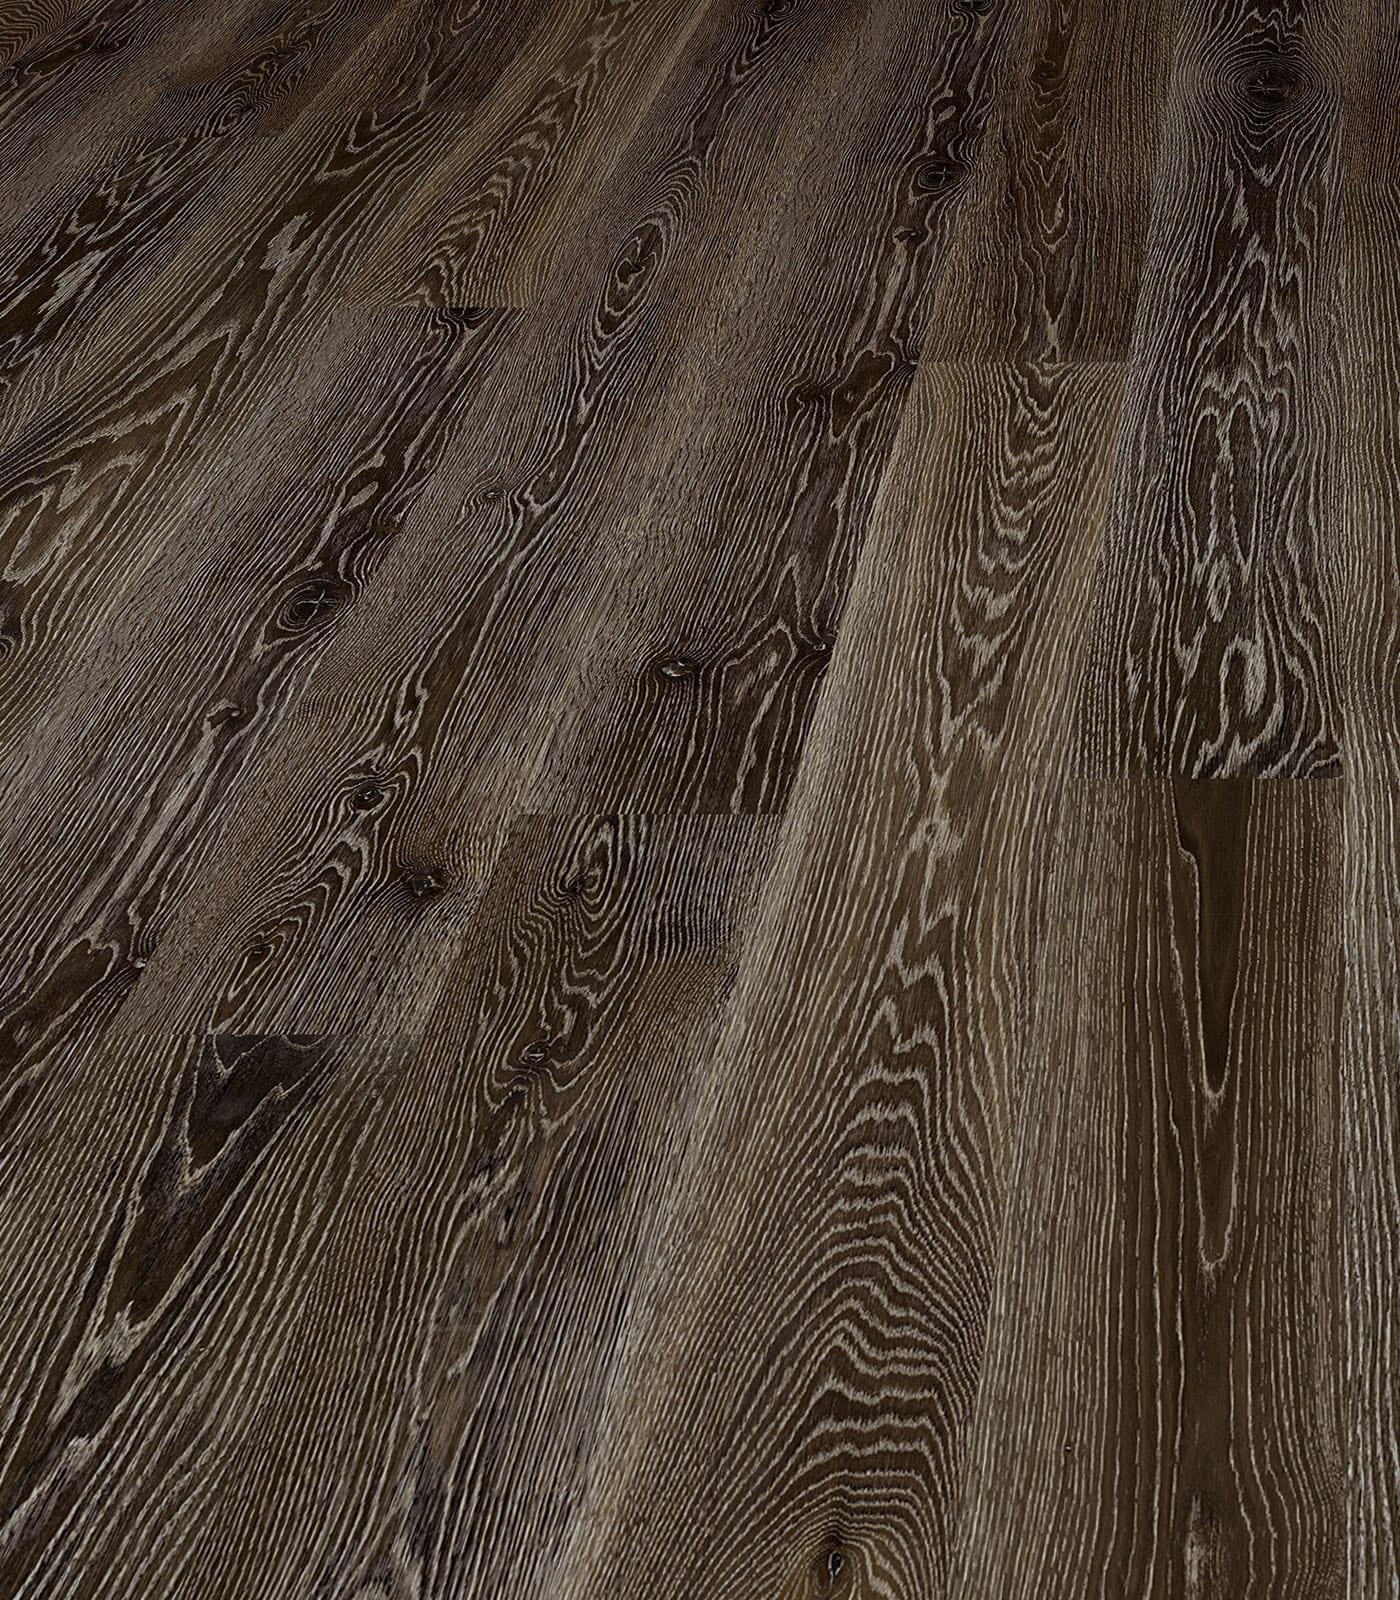 Jotunheimen-Floors European Oak-Antique Collection